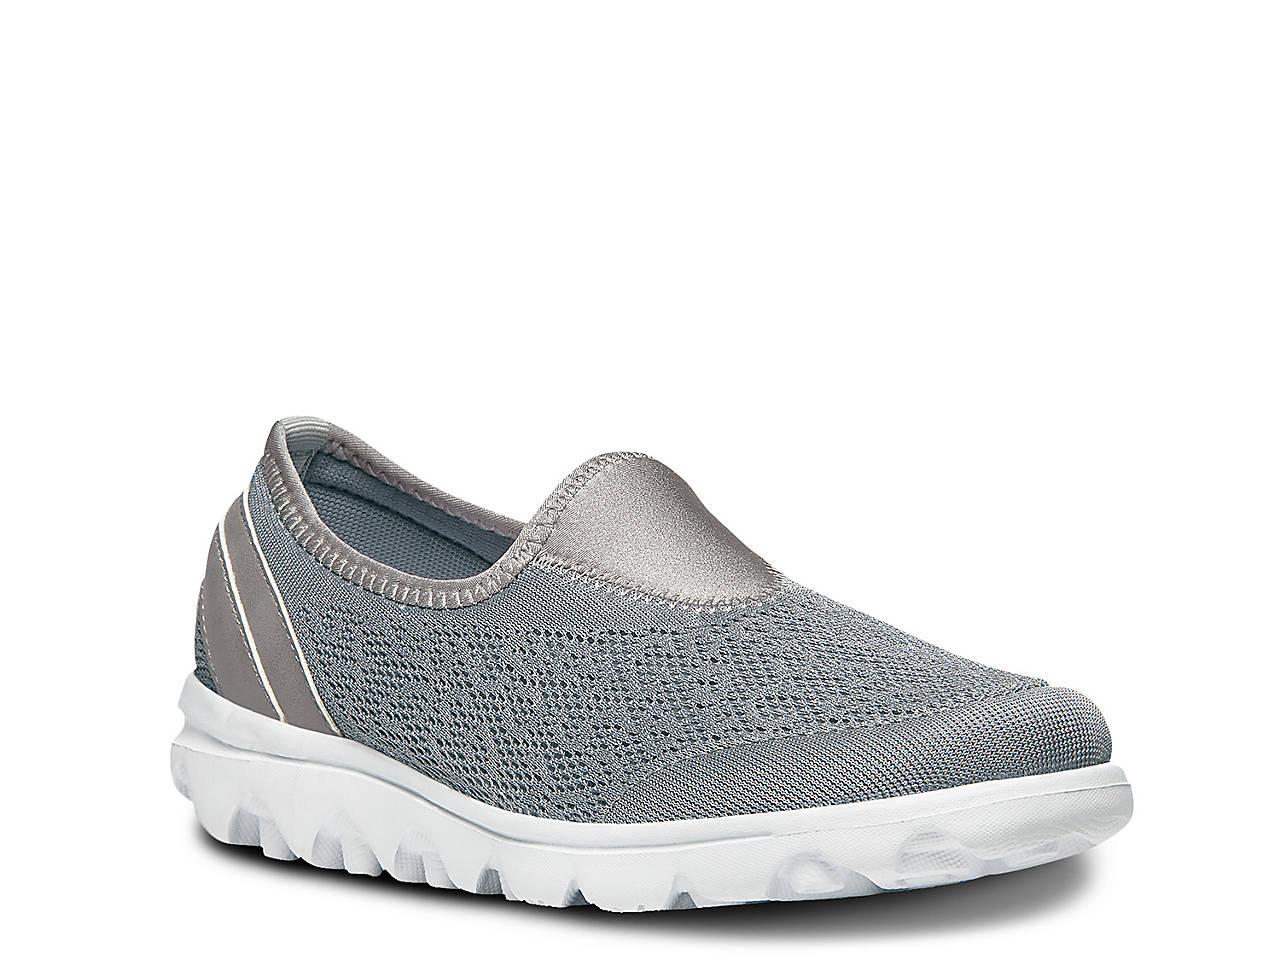 f2edf7caa99 Propet Travel Slip-On Sneaker Women's Shoes | DSW